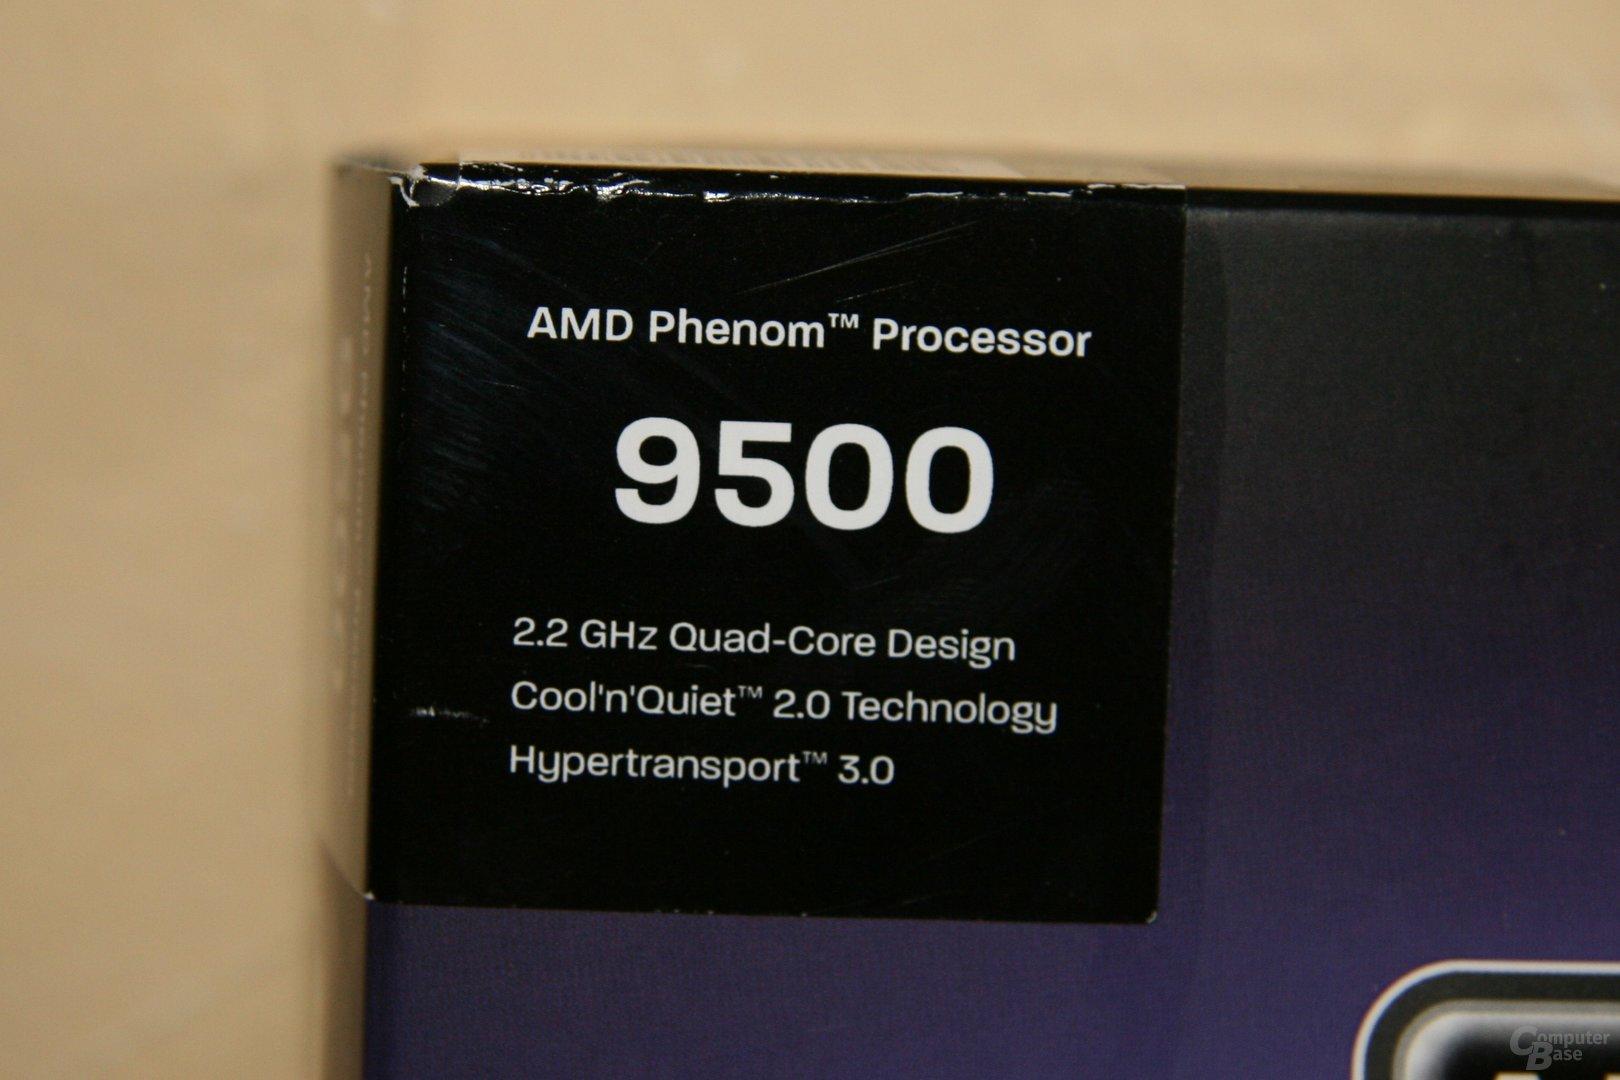 Aktuelle Beschreibung eines Phenom 9500